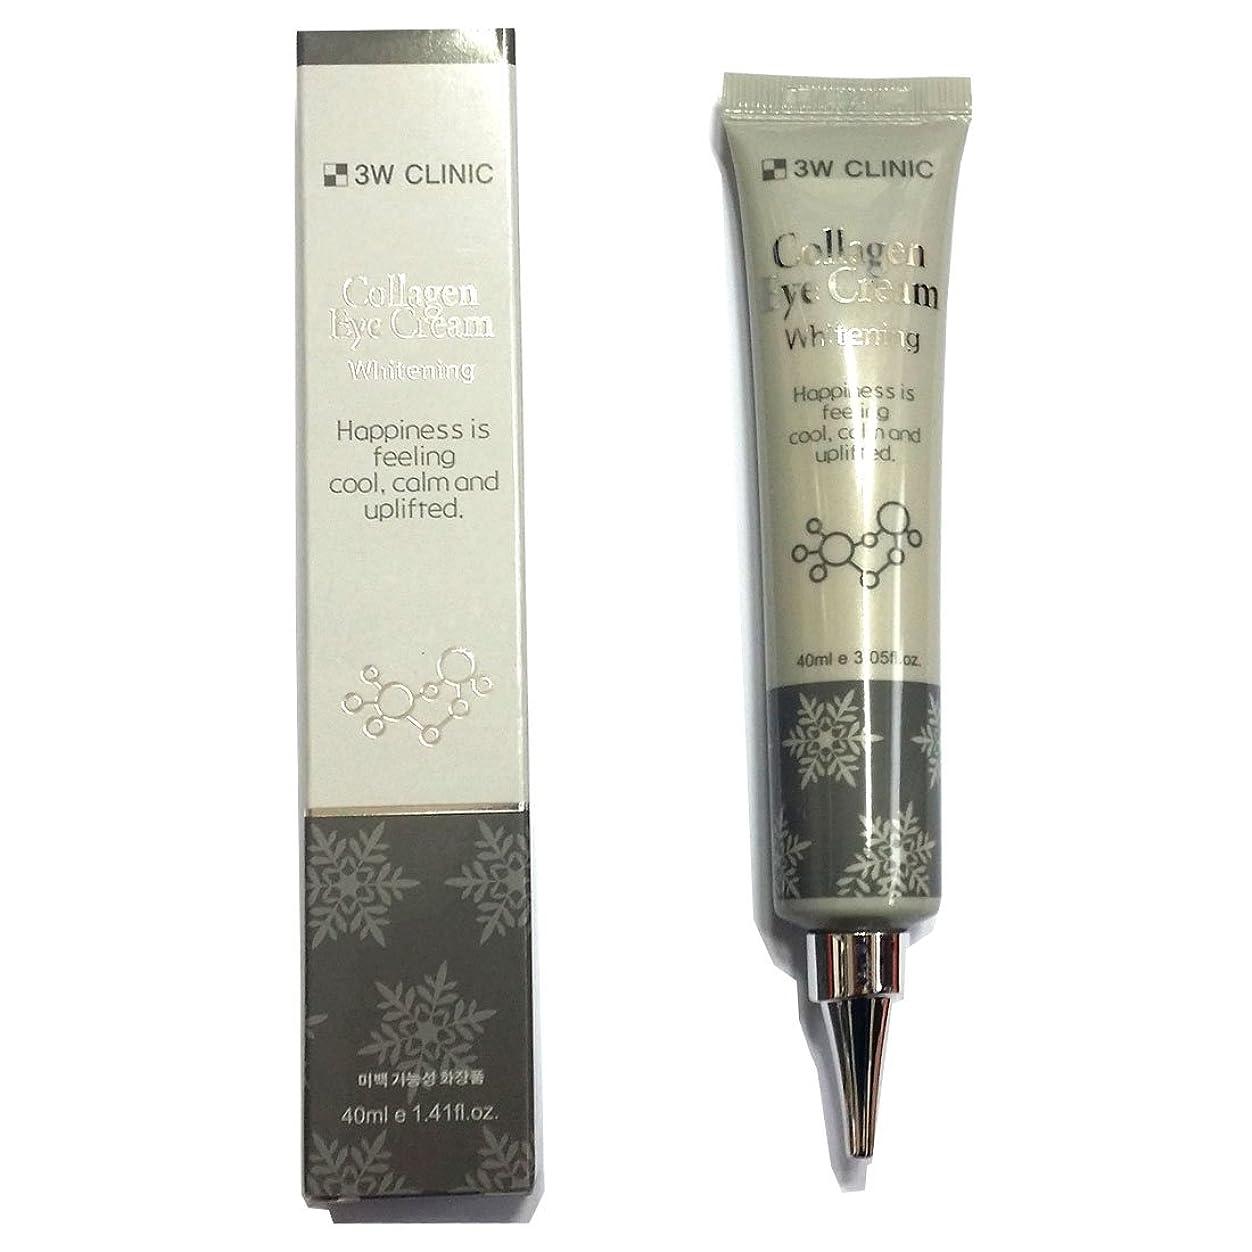 方向スリム塗抹[3W CLINIC] コラーゲンアイクリームホワイトニング40ml X 4ea / Collagen Eye Cream Whitening 40ml X 4ea / しっとりしっとり/moist / 韓国化粧品/Korean Cosmetics [並行輸入品]